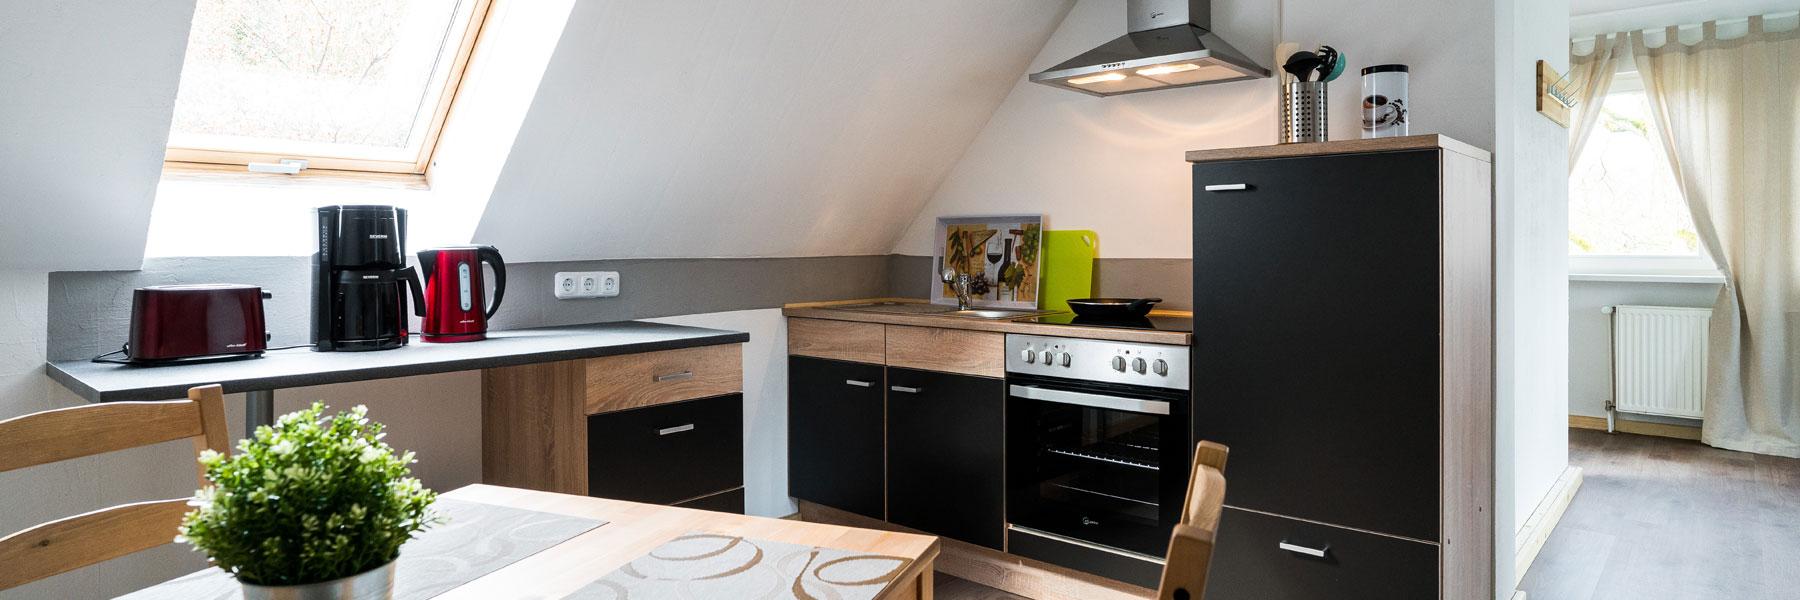 Küche - Landhotel & Café Prälank